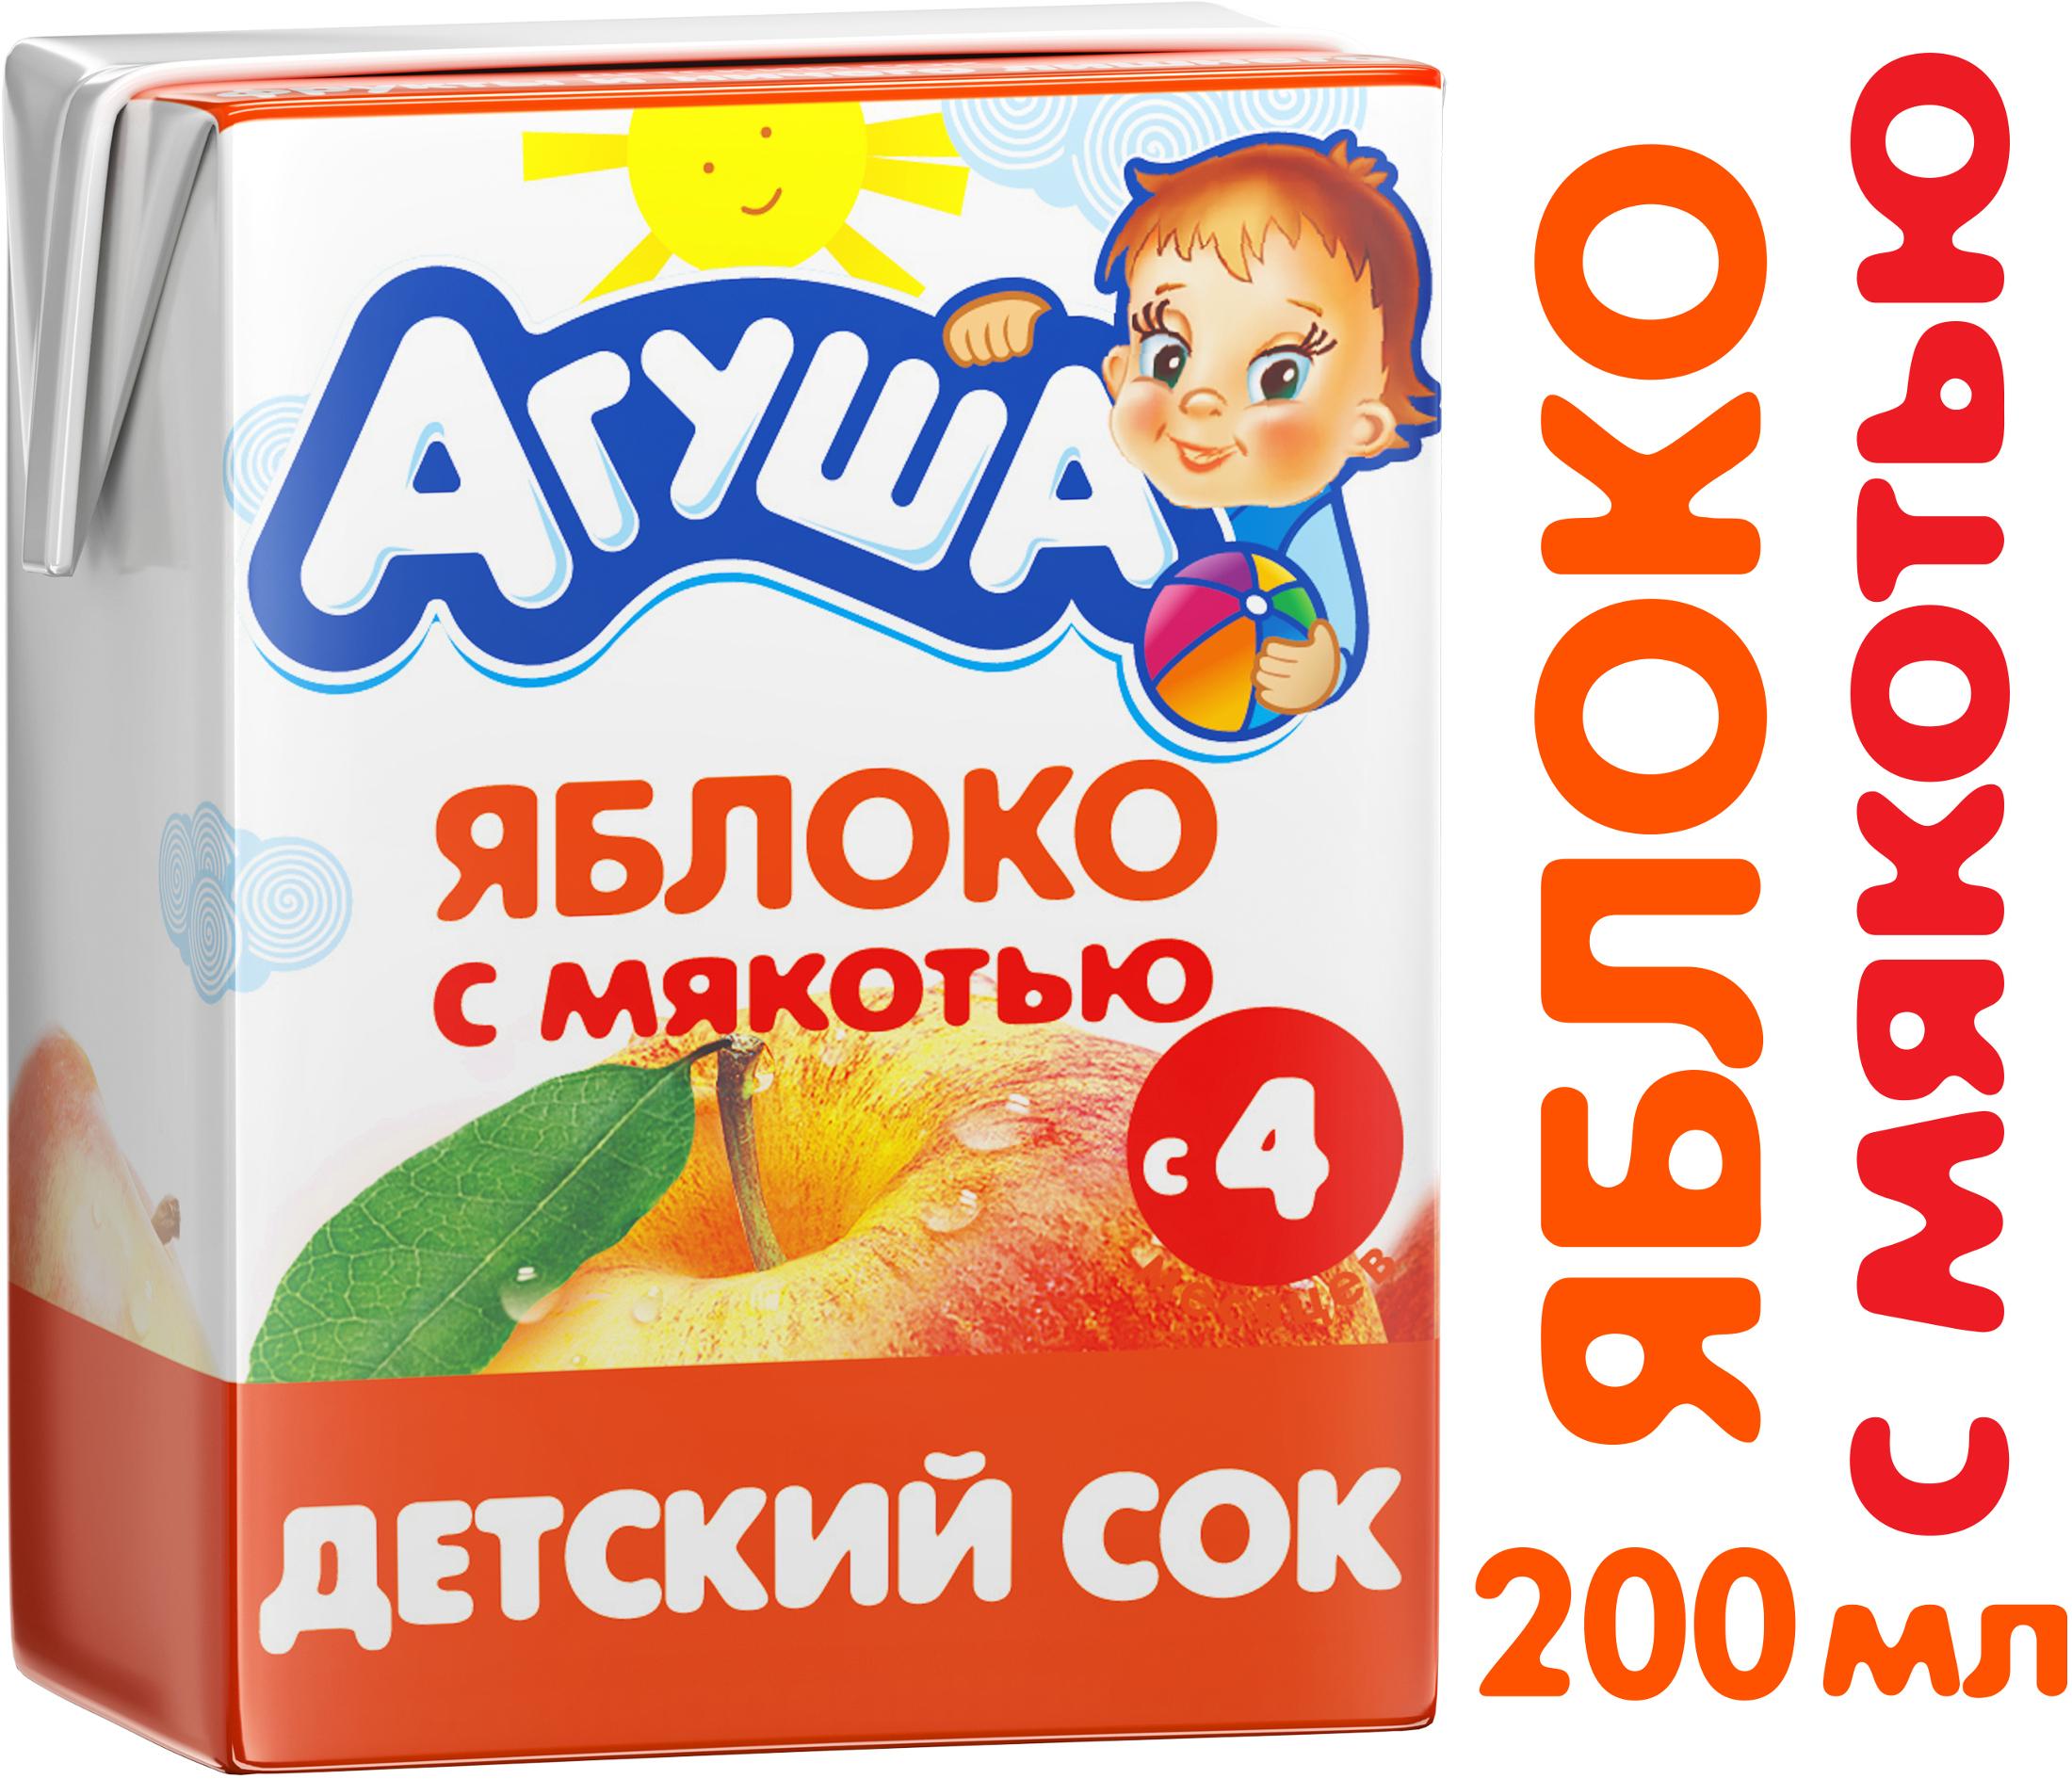 Сок Вимм-Билль-Данн Агуша Яблоко с мякотью с 4 мес. 200 мл агуша сок детский с мякотью без сахара яблоко банан 200 мл